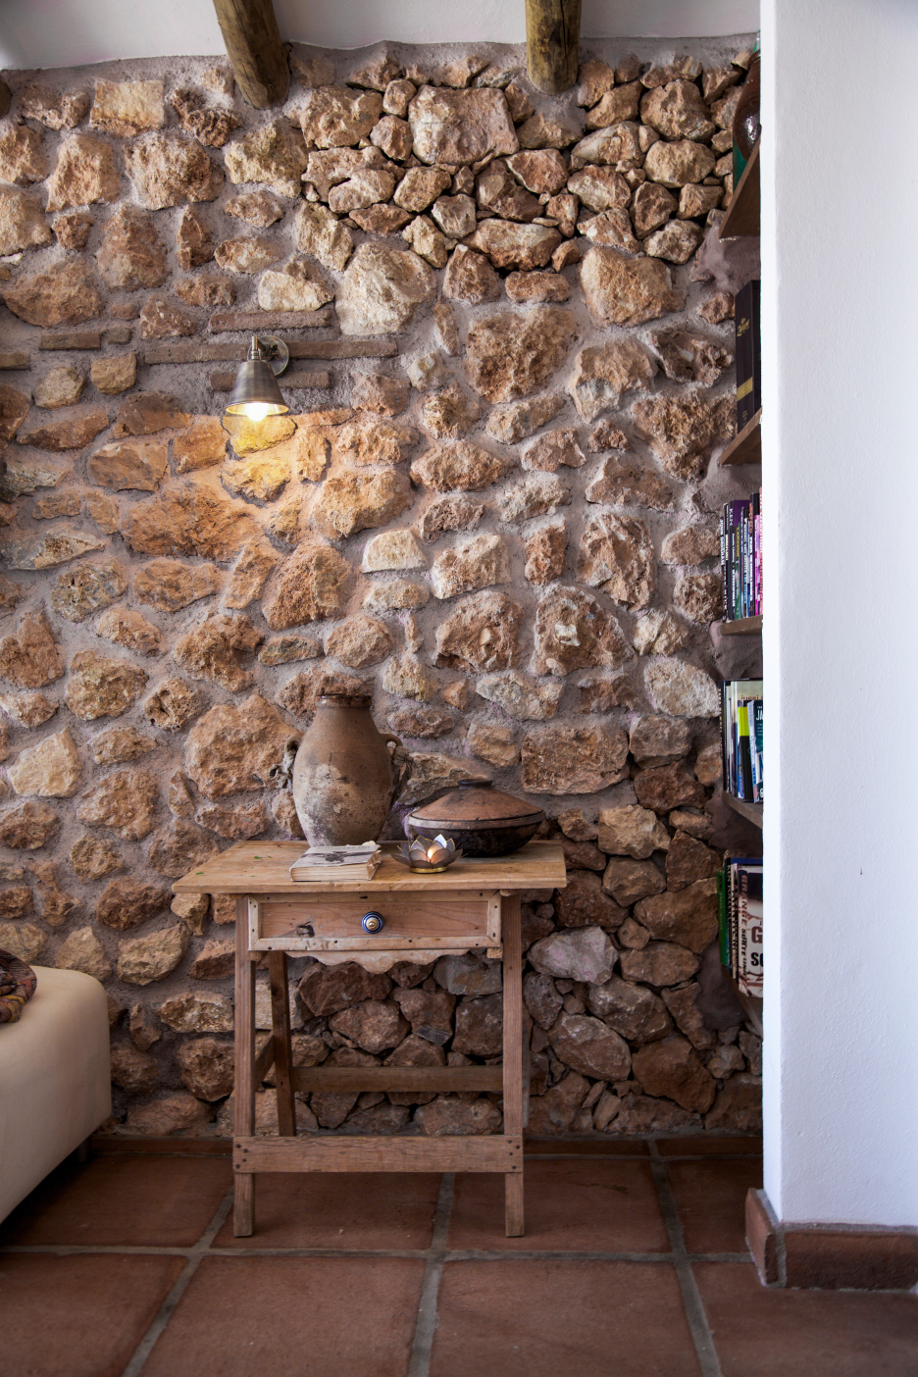 Viva espa a 8 conseils pour un style espagnol r ussi for Decoration espagnol